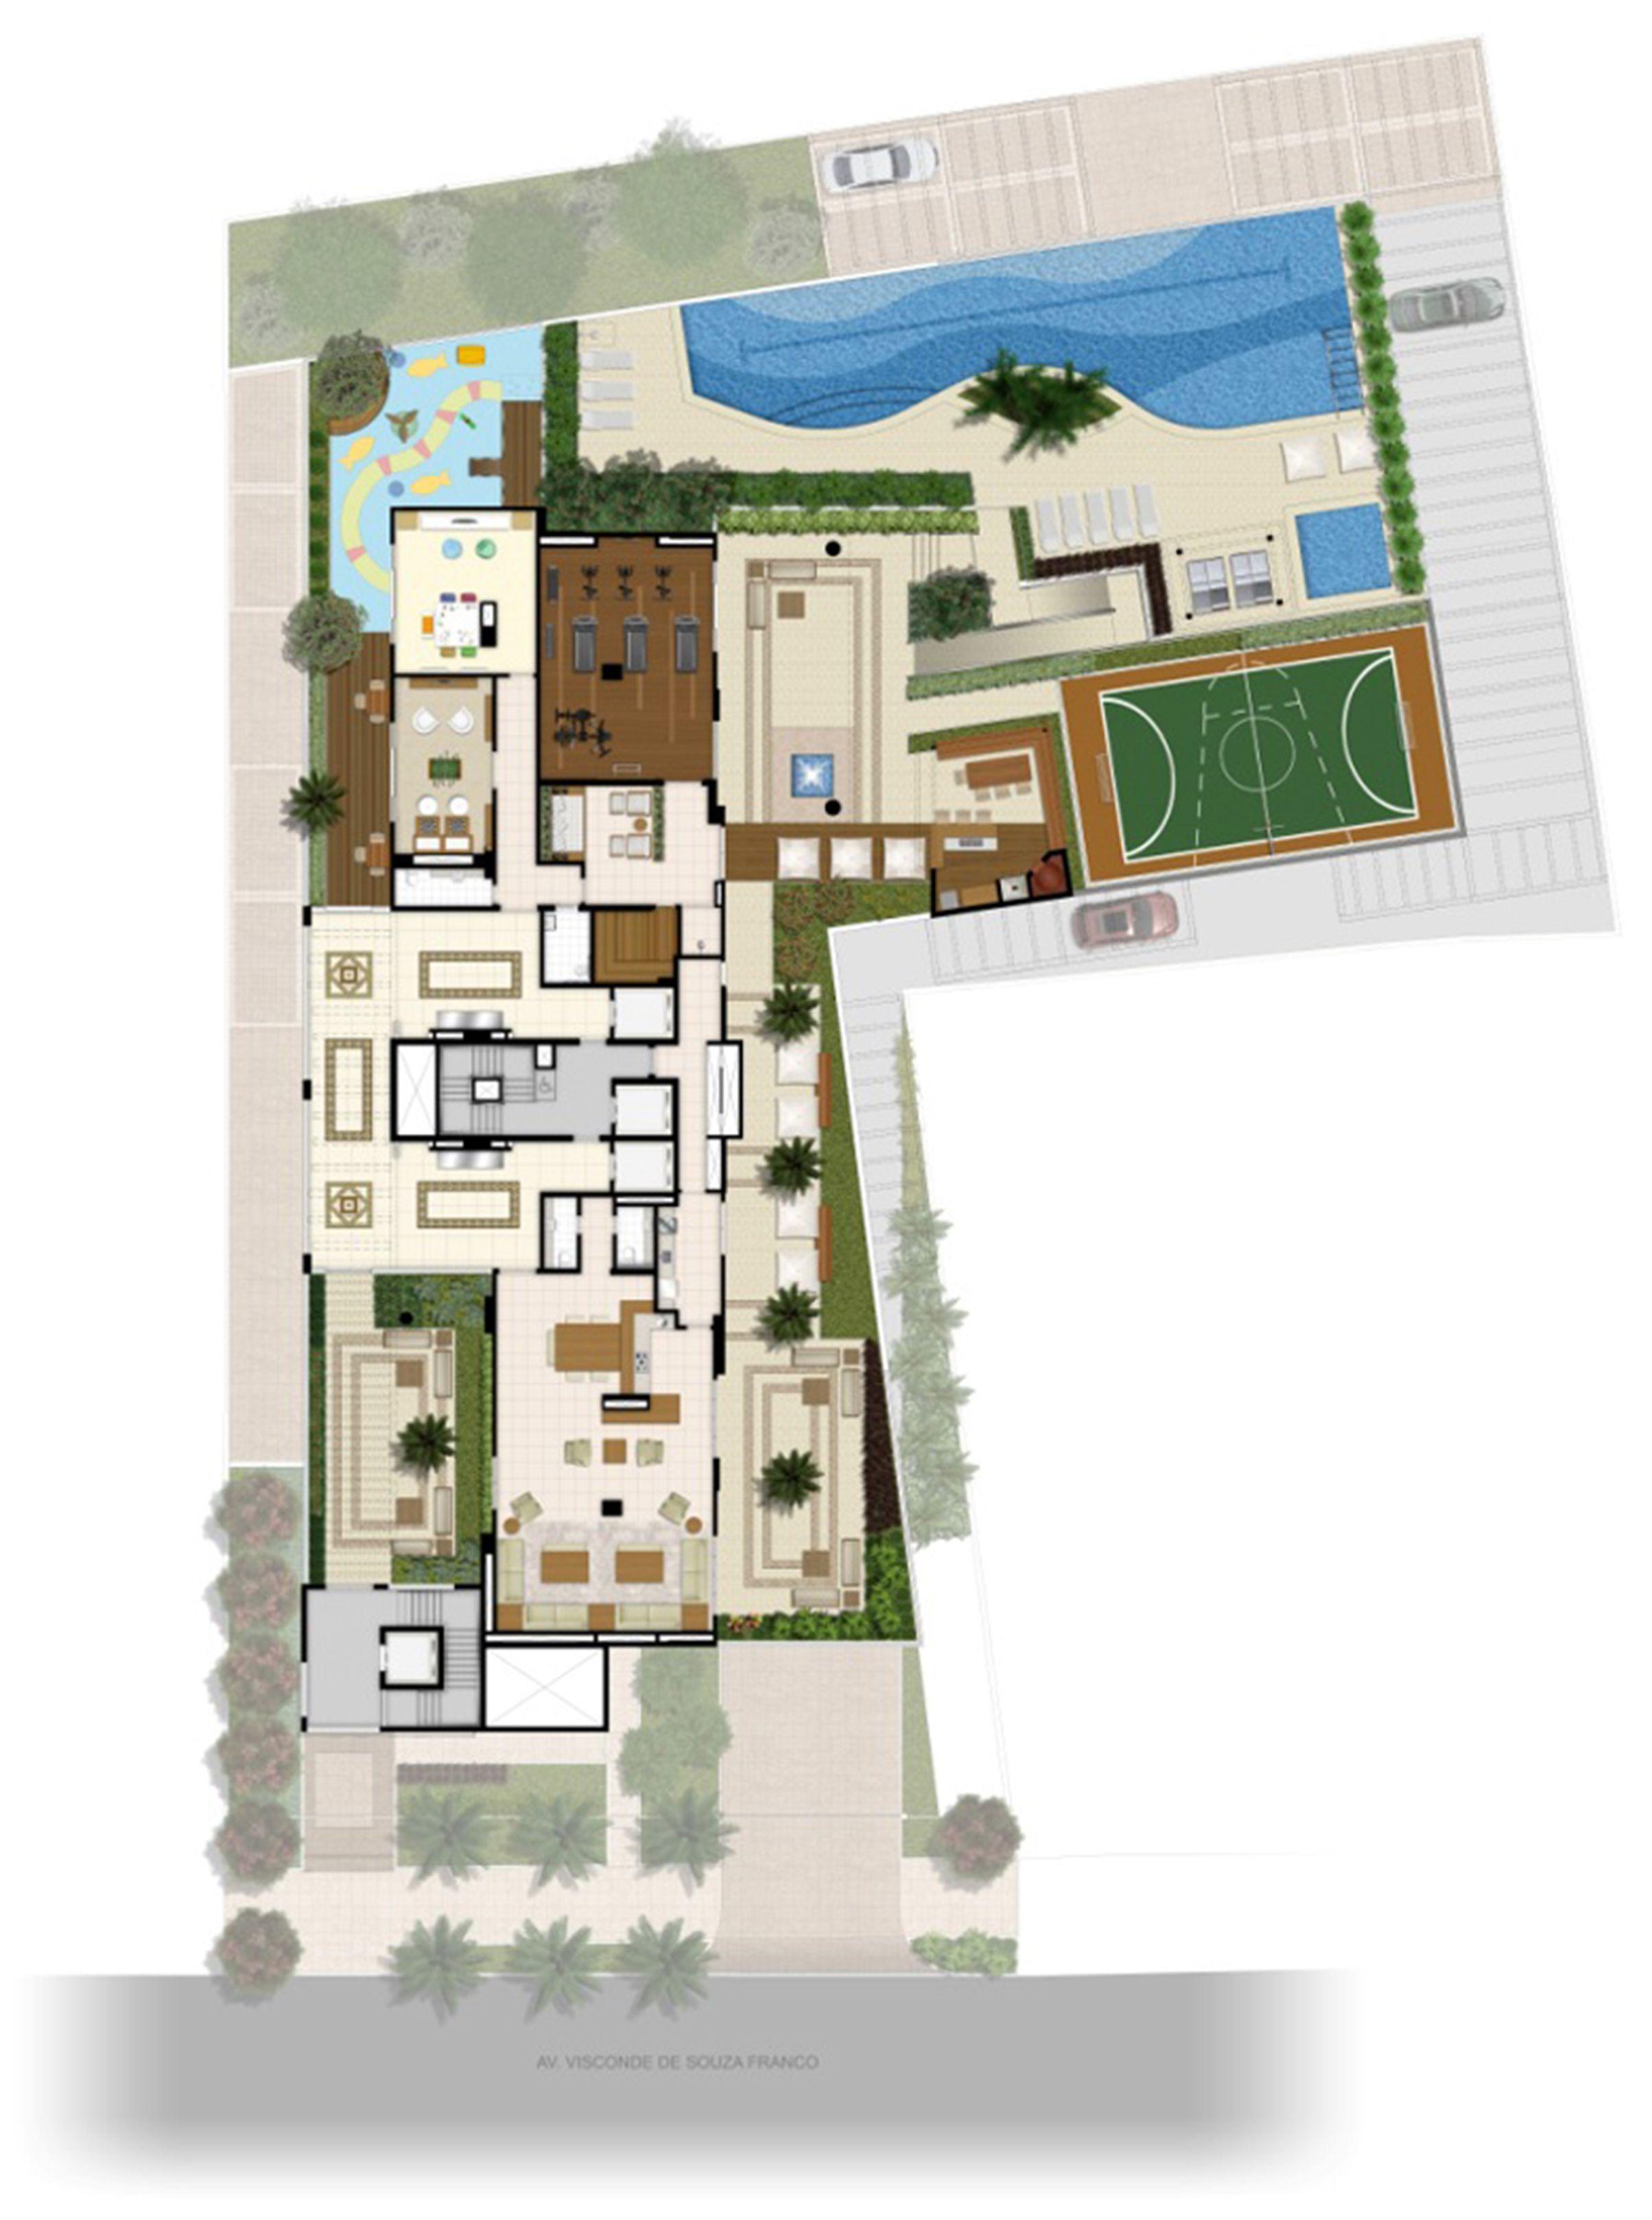 Perspectiva ilustrada Implantação | 395 Place – Apartamento em  Umarizal  - Belém - Pará